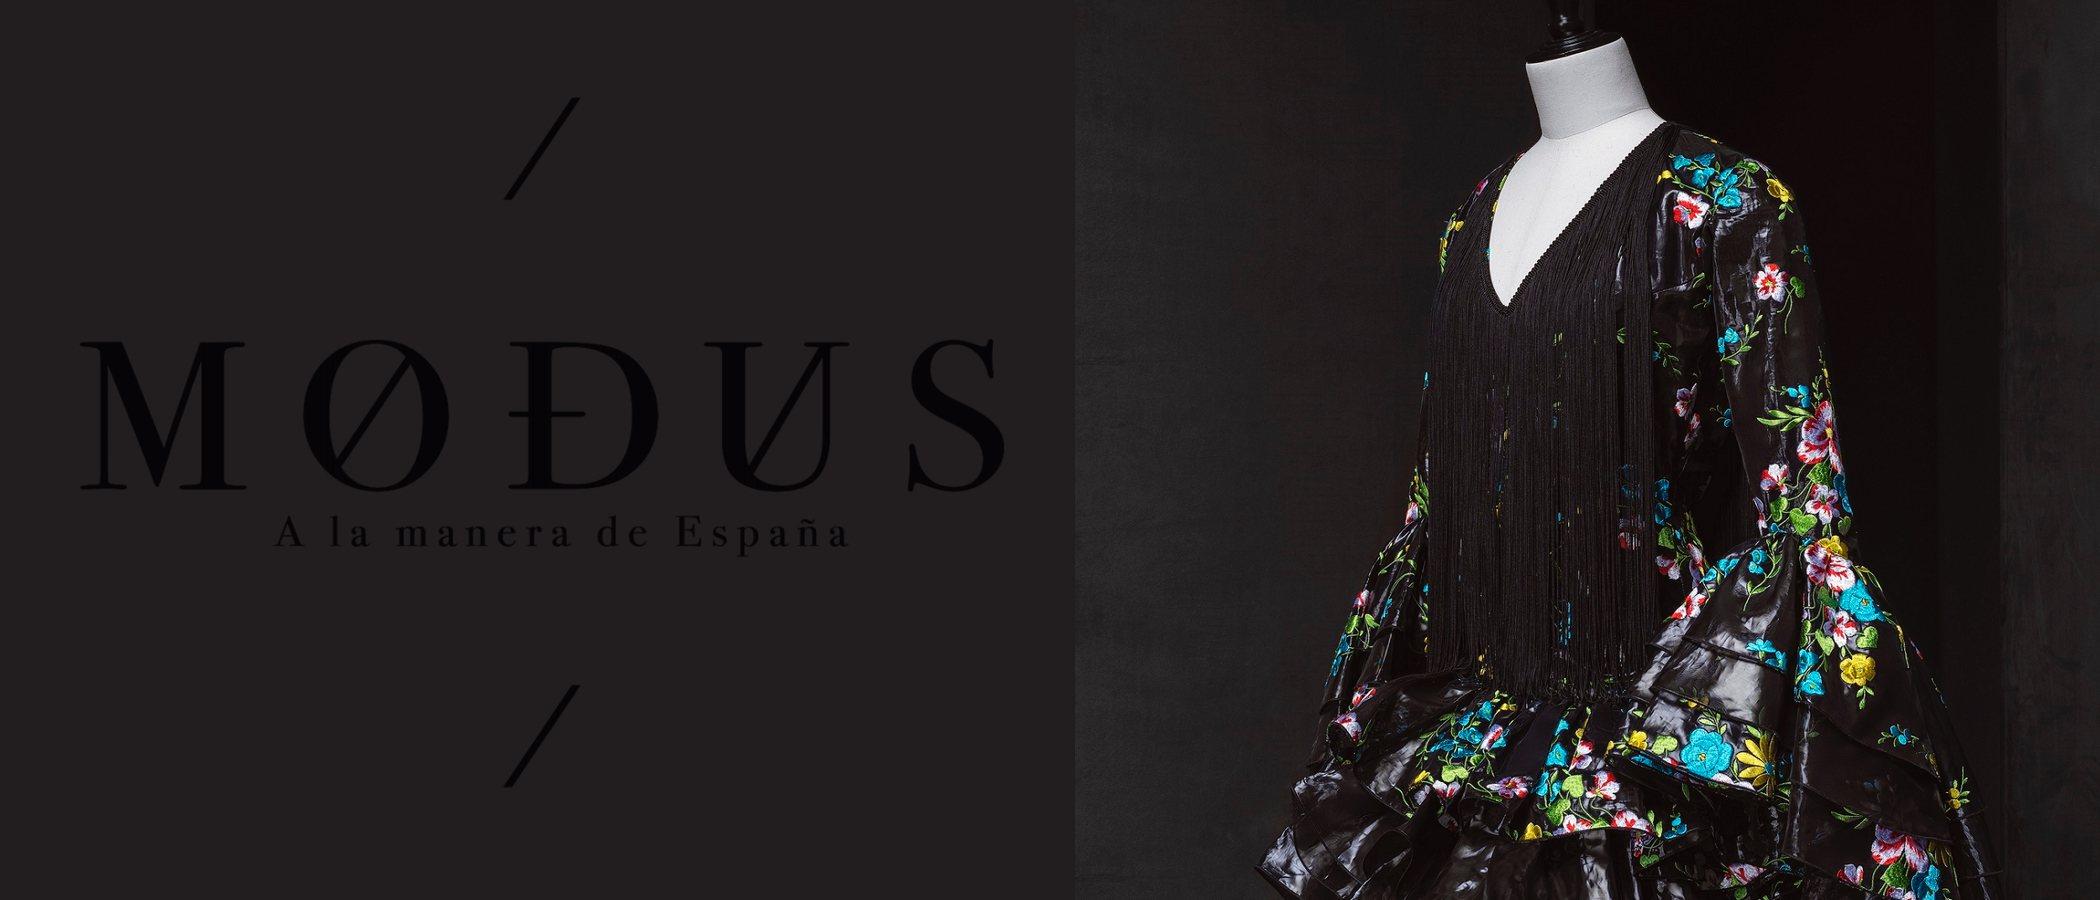 'Modus. A la manera española', la exposición que muestra 'lo español' en la moda nacional e internacional